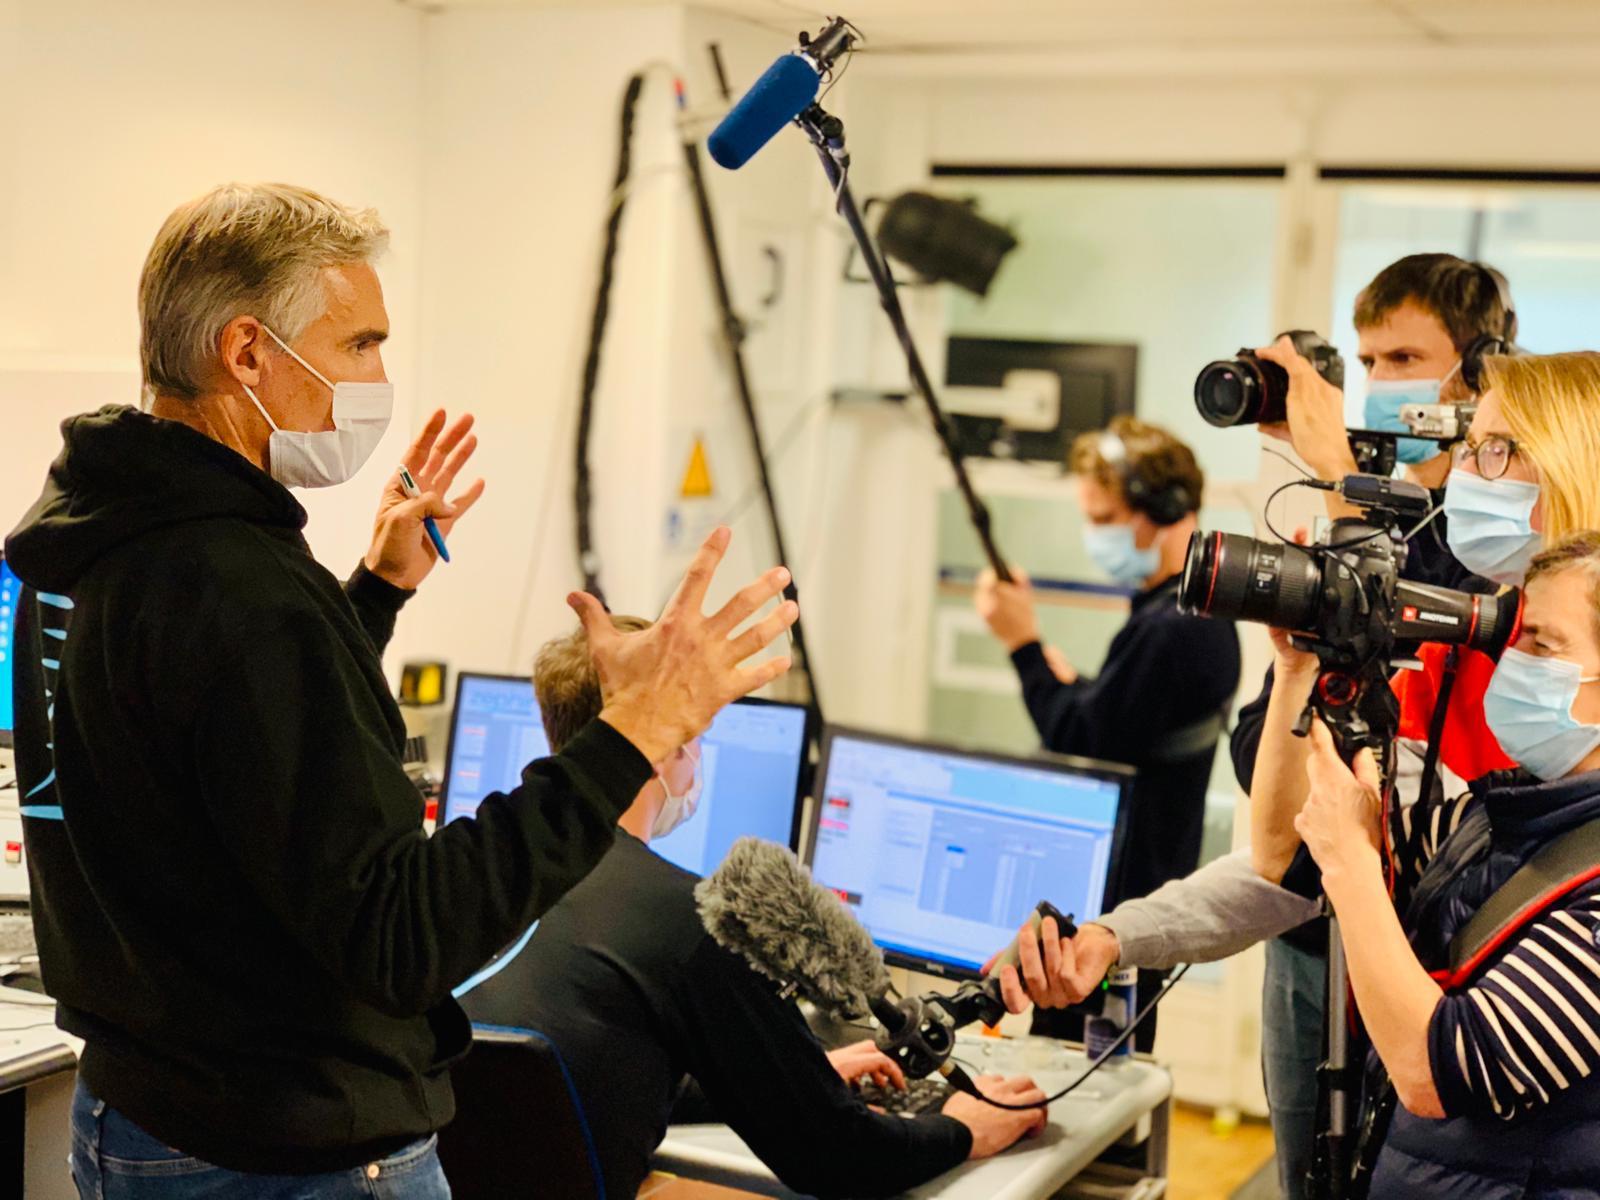 Marc Amerigo face aux journalistes expliquant le projet Zephir dans la soufflerie de Magny-Cours